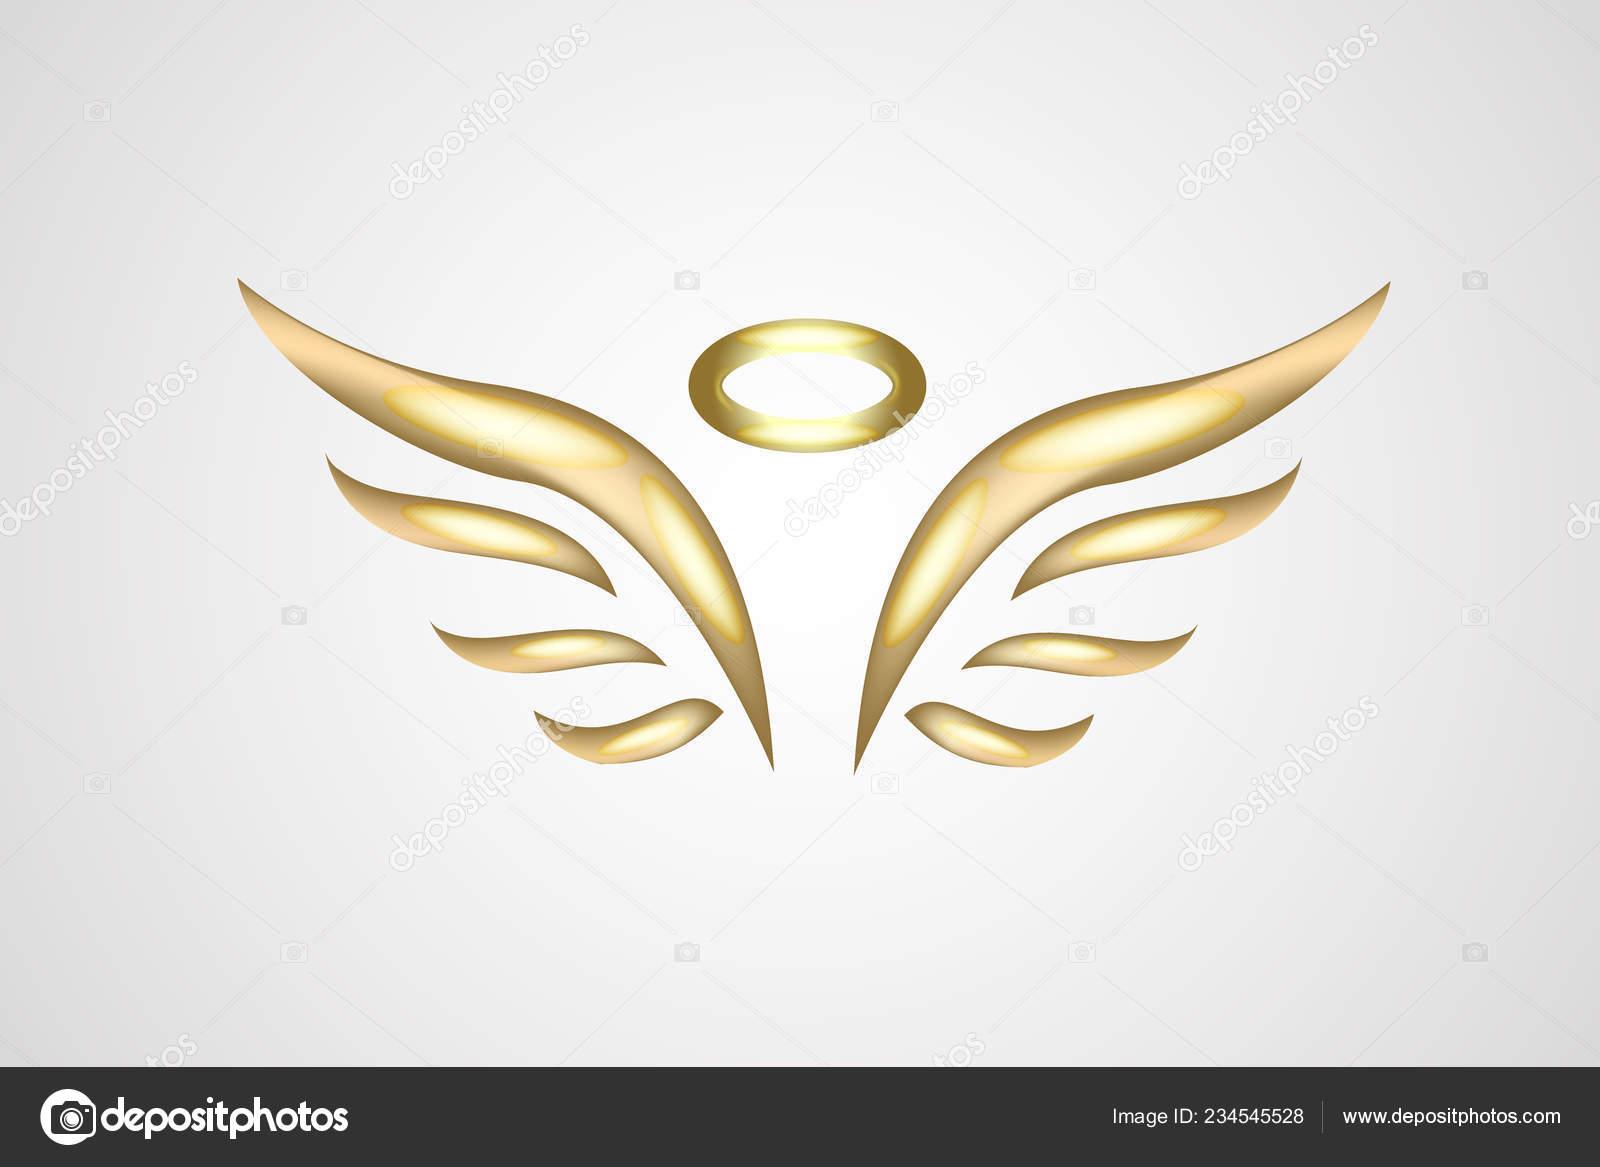 gold sketch angel wings